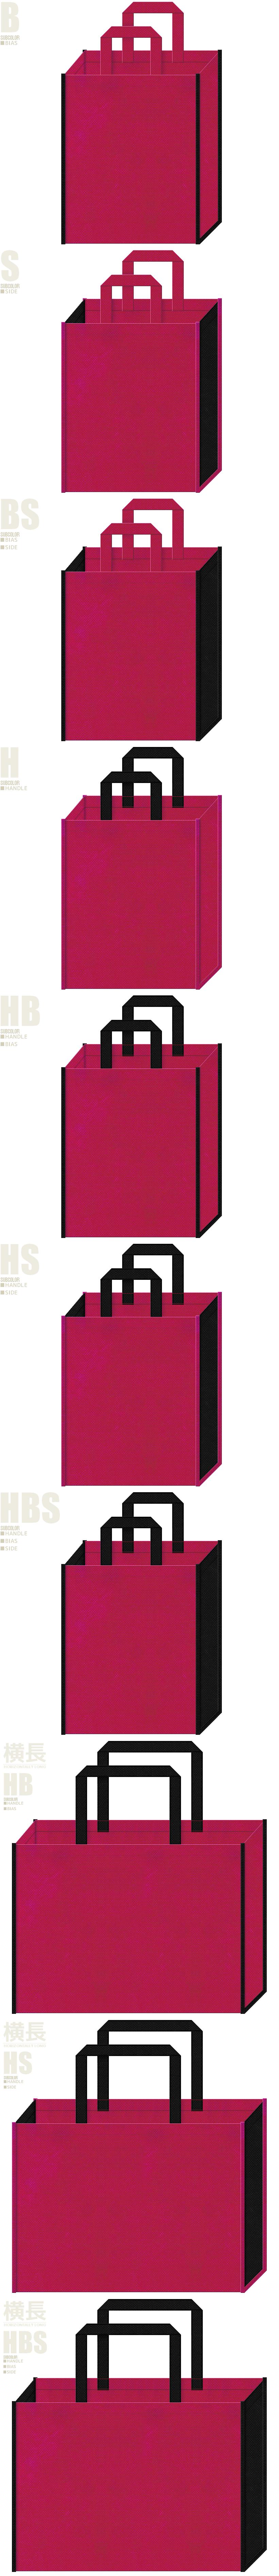 コスメ・香水・ネイル・エステ・ハイヒール・ブーツ・靴・魔法使い・占い・ウィッグ・コスプレイベント・女子イベントにお奨めの不織布バッグデザイン:濃いピンク色と黒色の配色7パターン